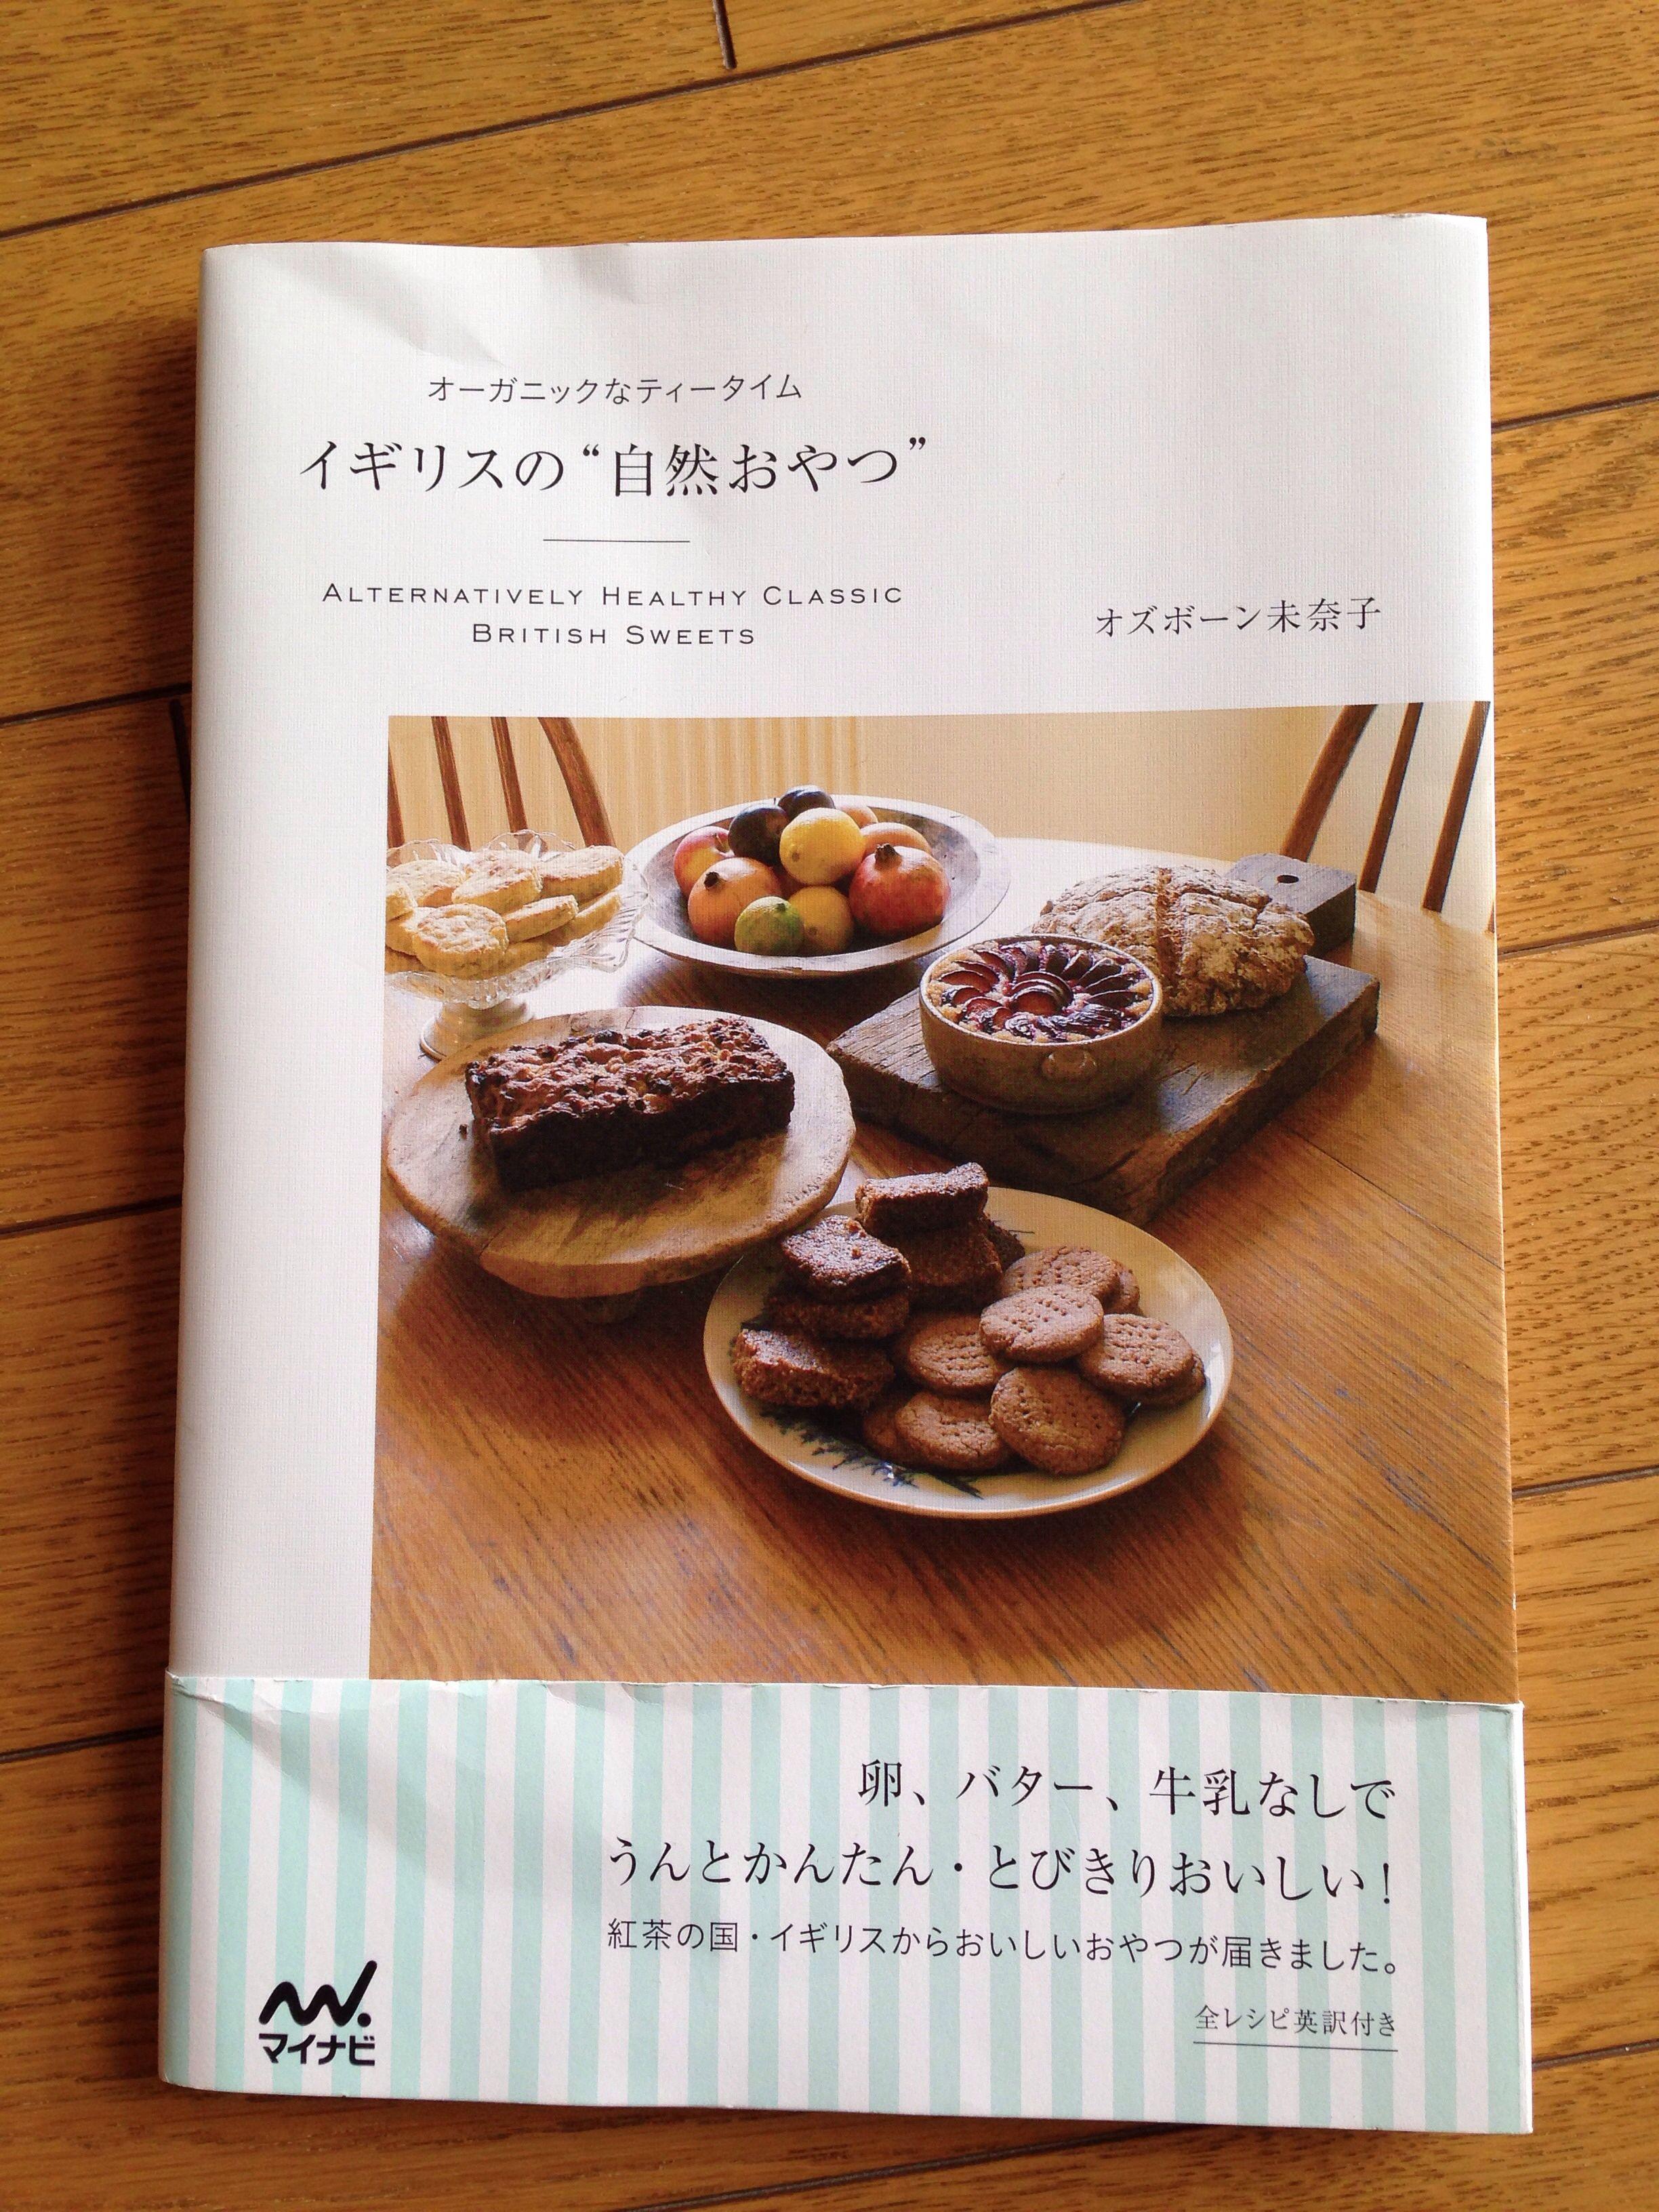 オズボーン未奈子さんのレシピ本ですシンプルな材料とレシピかたくさん載っています!